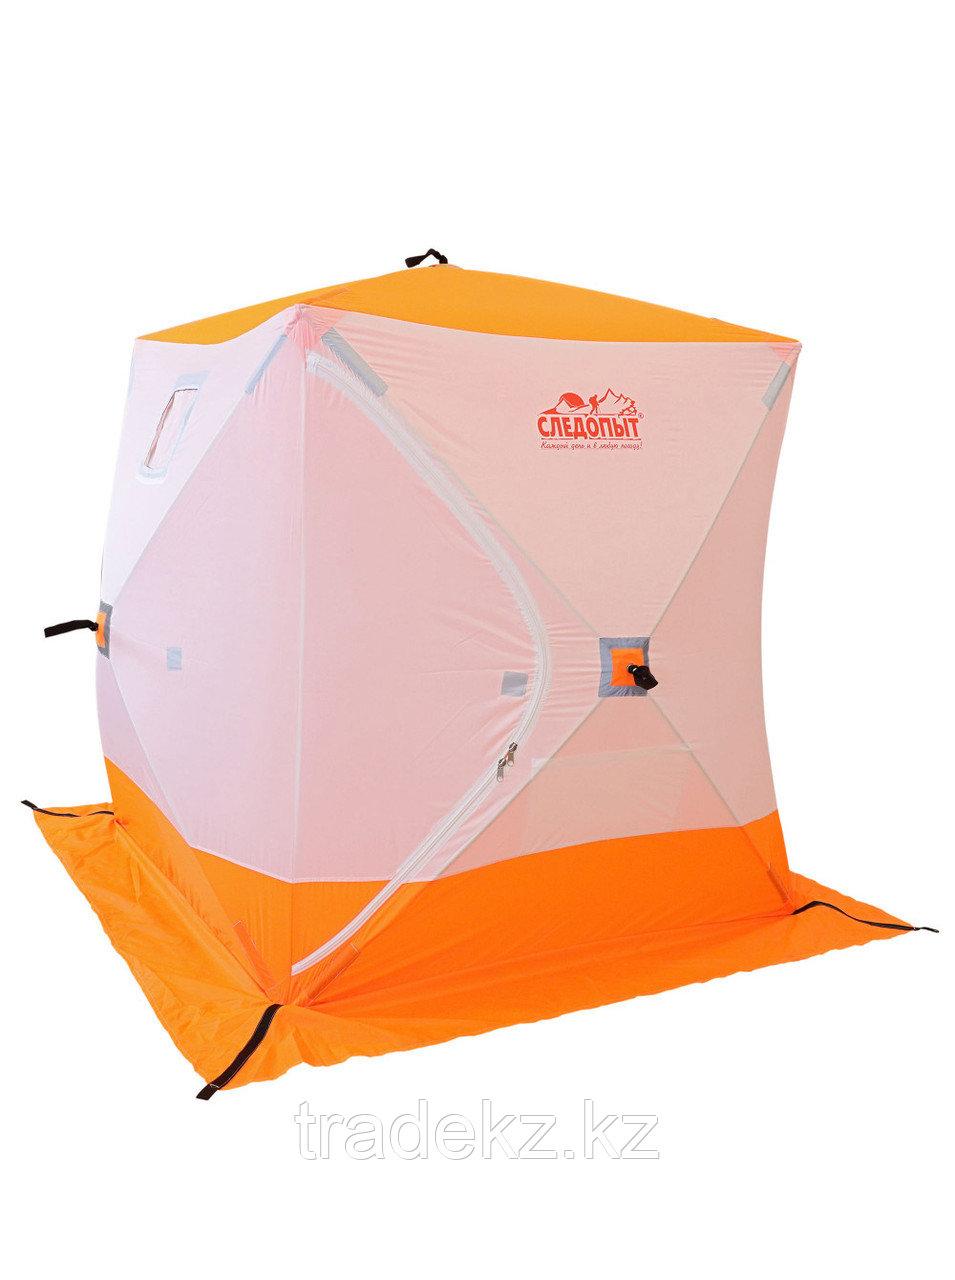 Палатка для зимней рыбалки PF-TW-02 Куб Следопыт 1,8х1,8 OXFORD 240D PU 1000